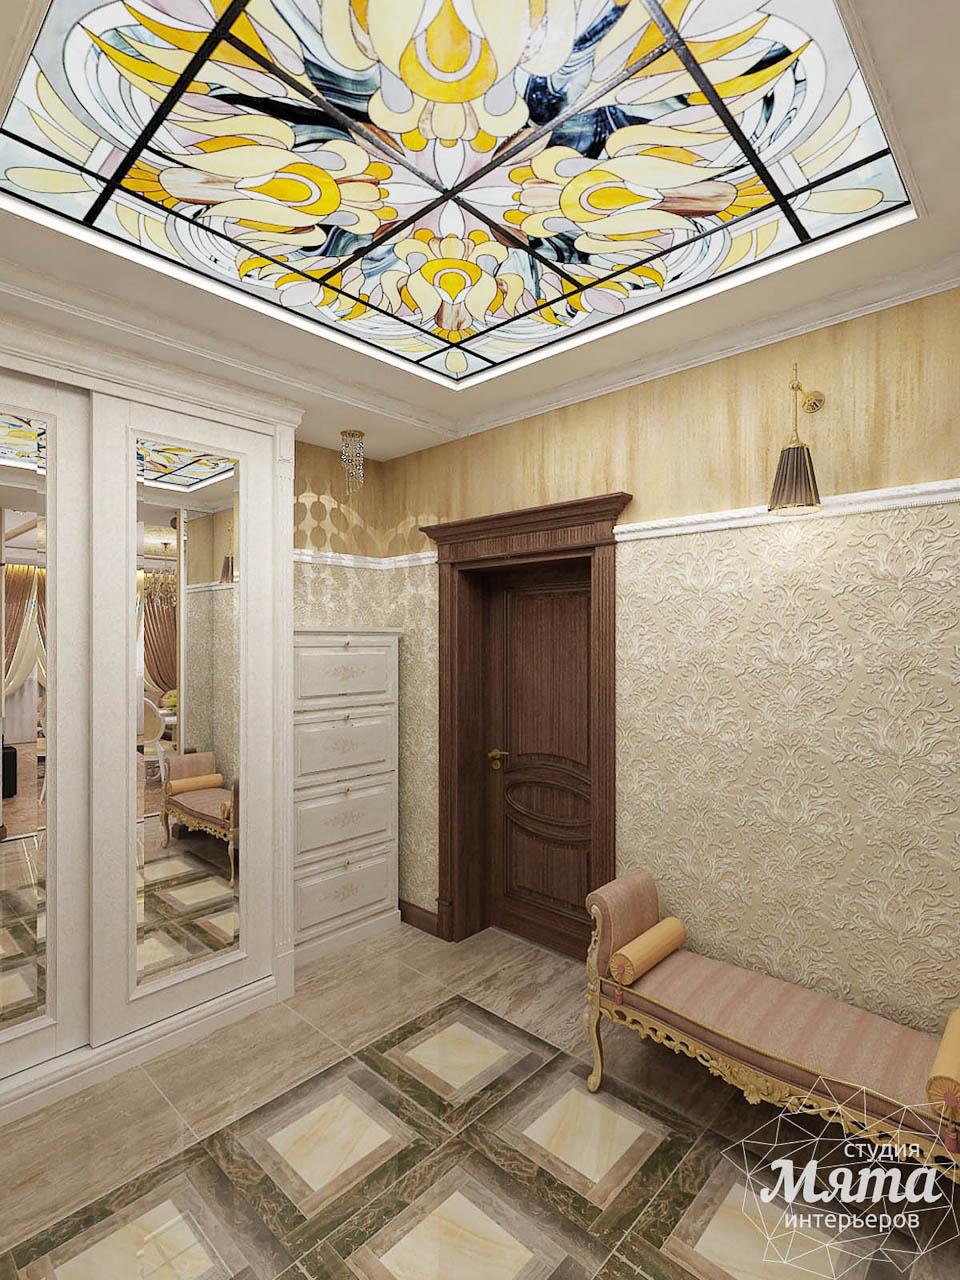 Дизайн интерьера двухкомнатной квартиры по ул. Мельникова 38 img1581567824